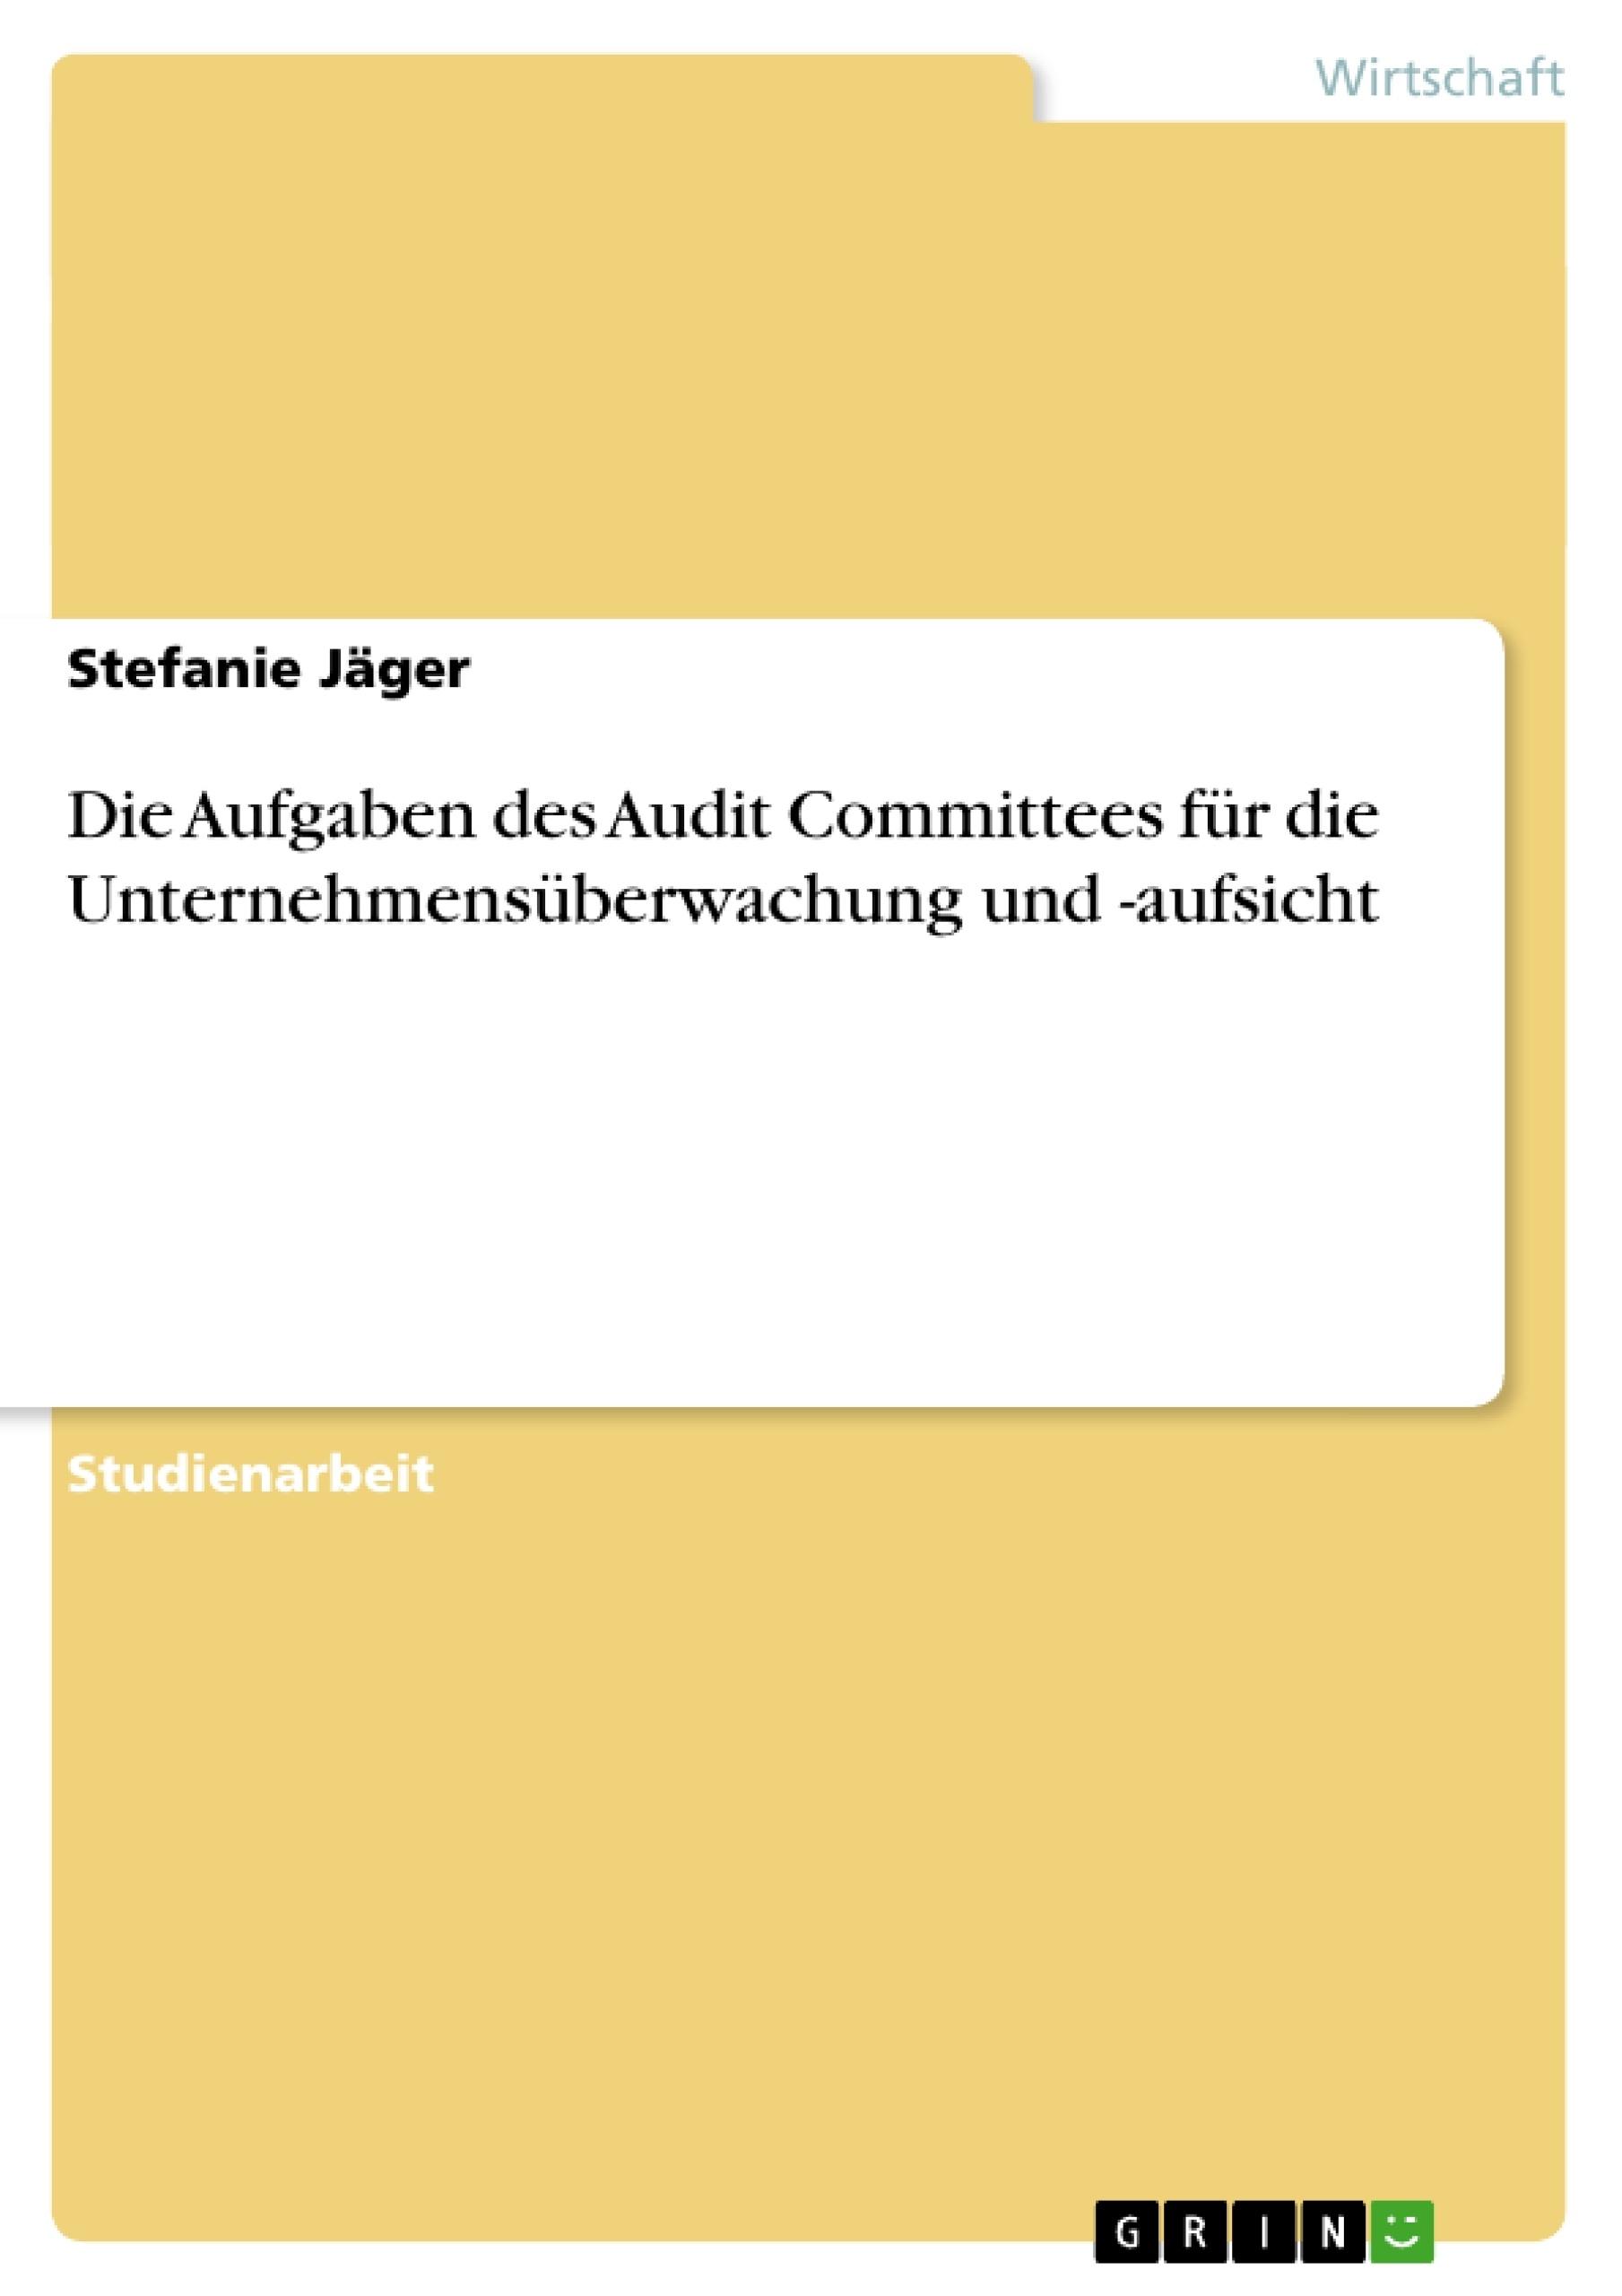 Titel: Die Aufgaben des Audit Committees für die Unternehmensüberwachung und -aufsicht